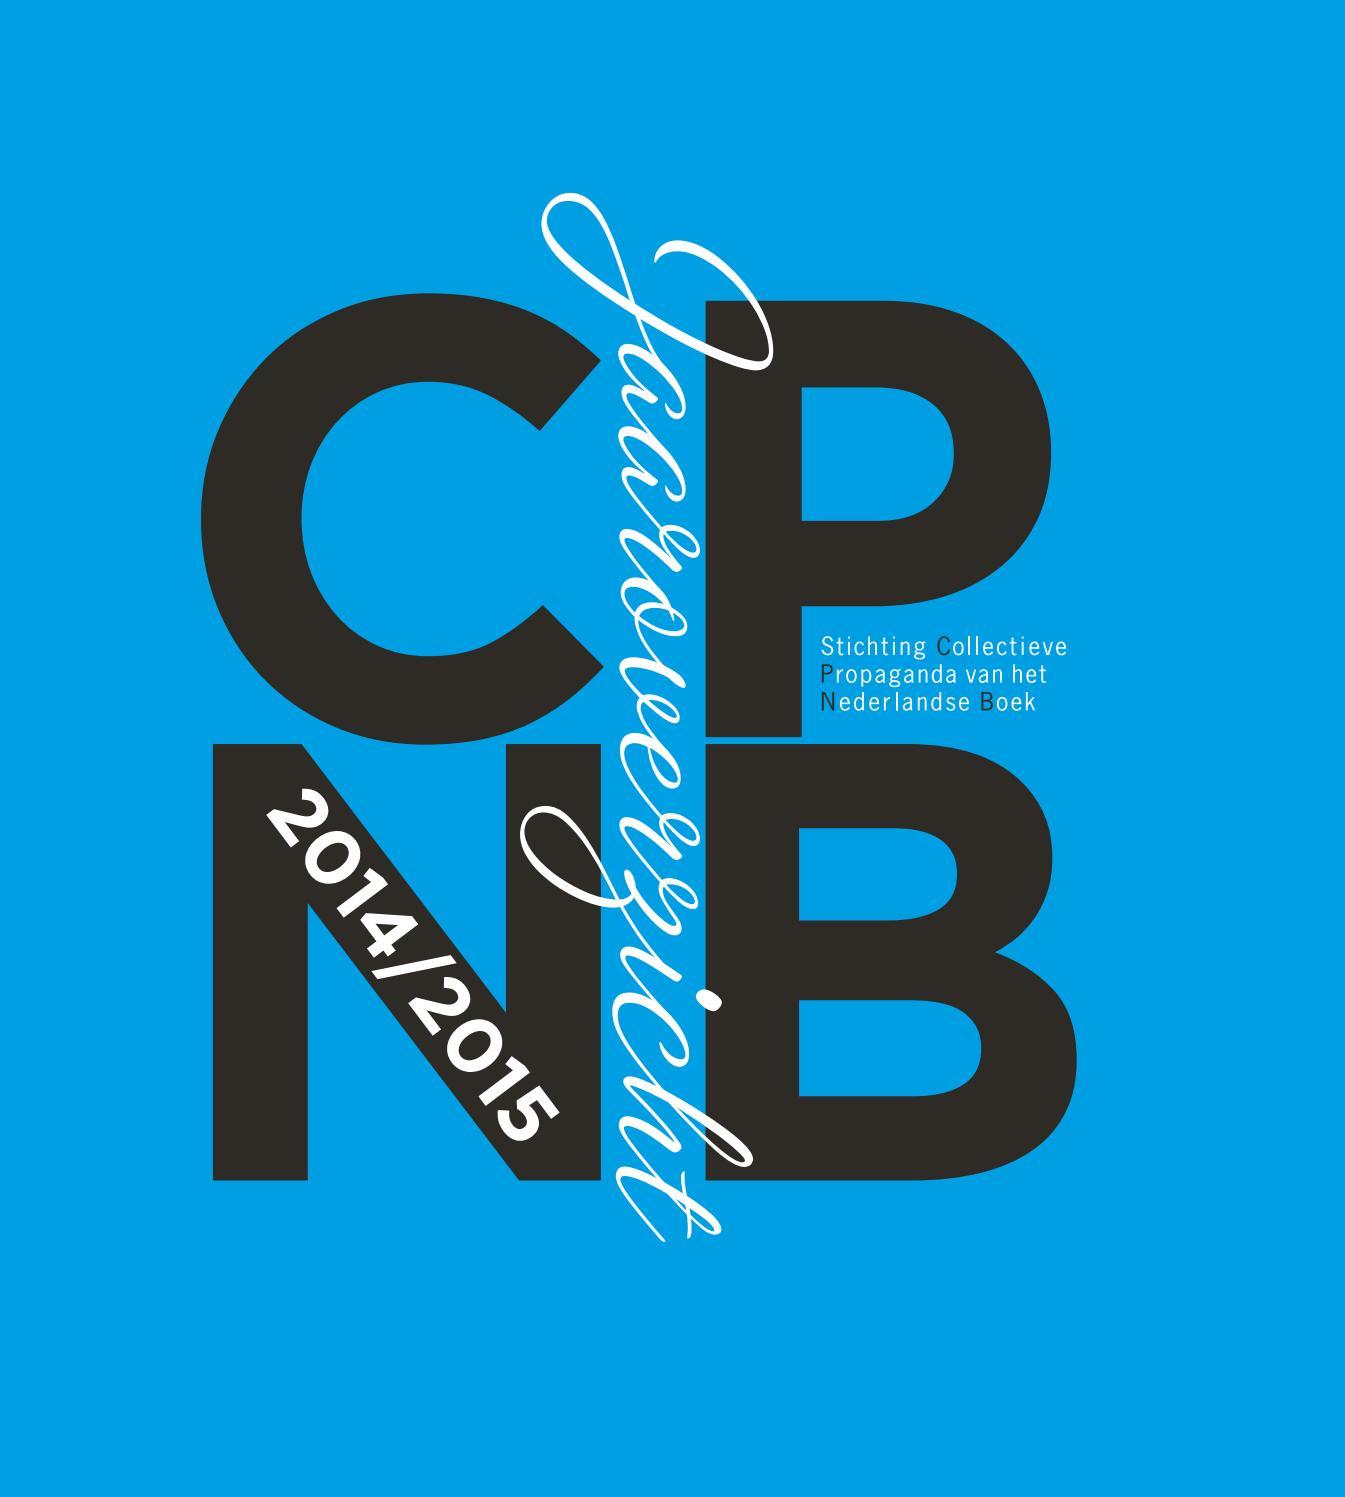 Jaaroverzicht Stichting Cpnb 2014 2015 By Stichting Cpnb